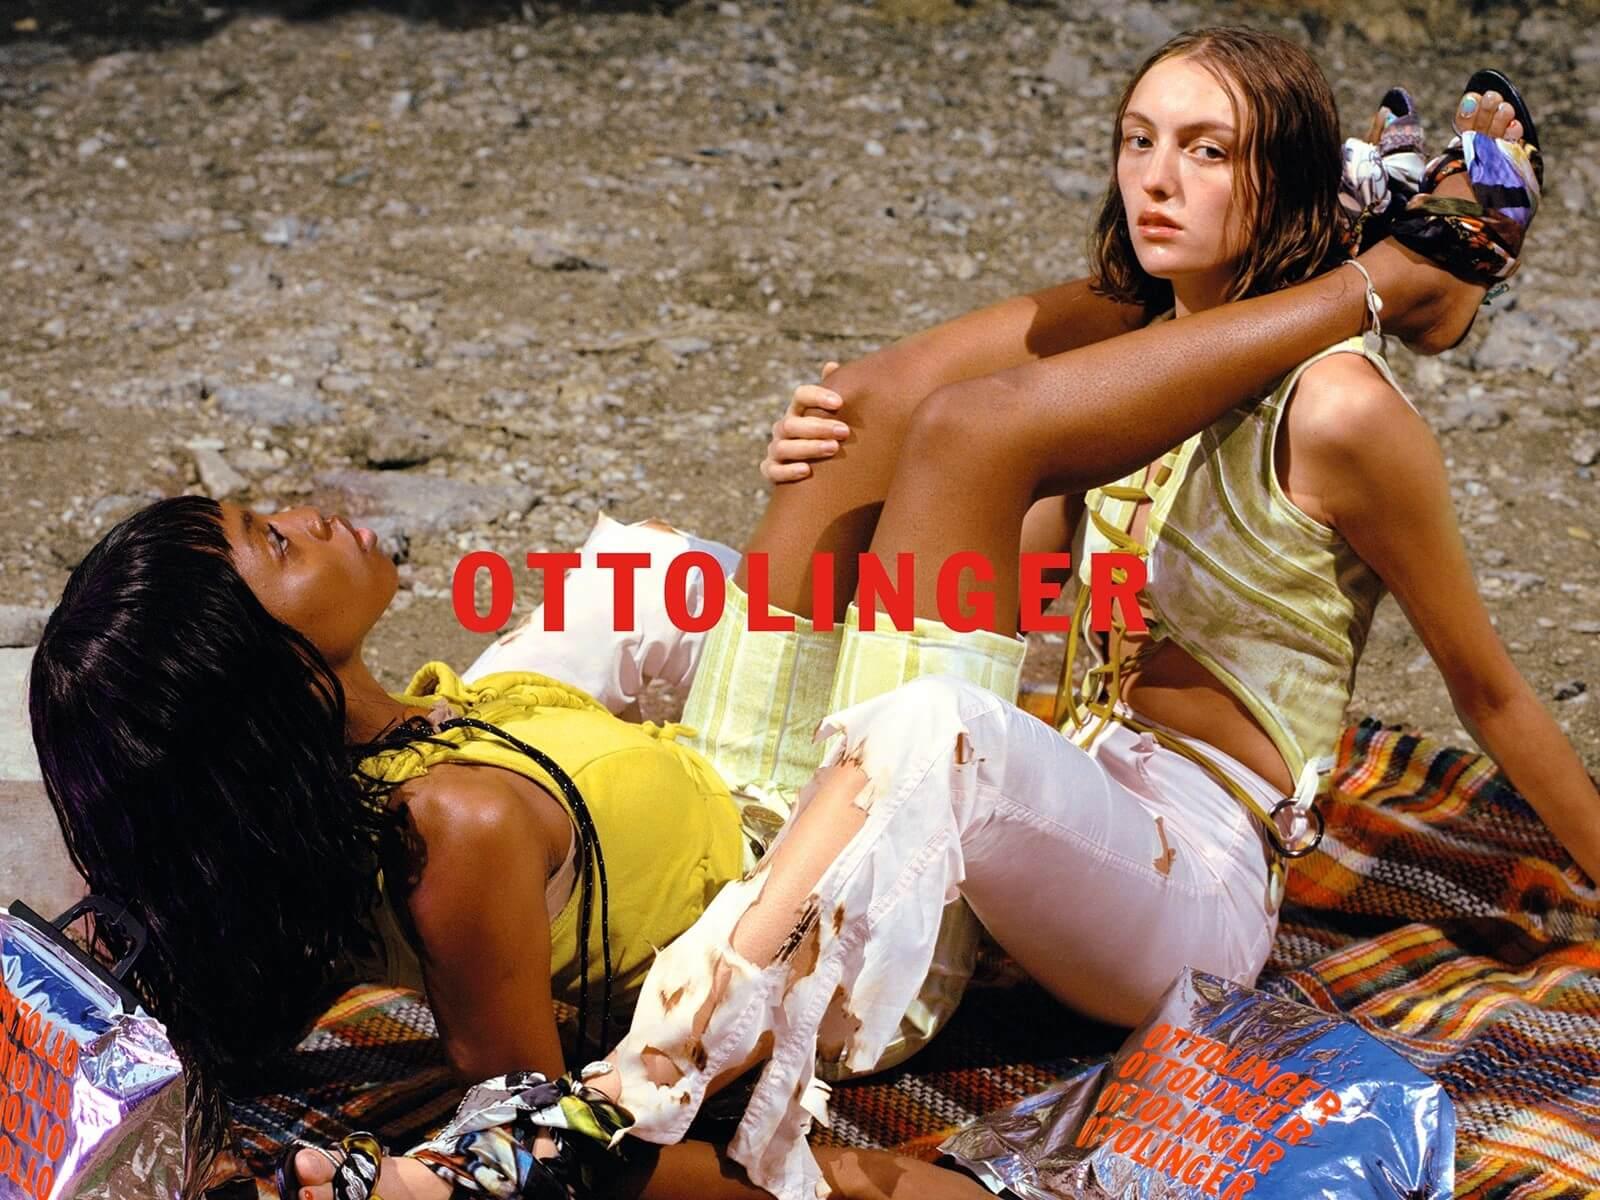 Ottolinger